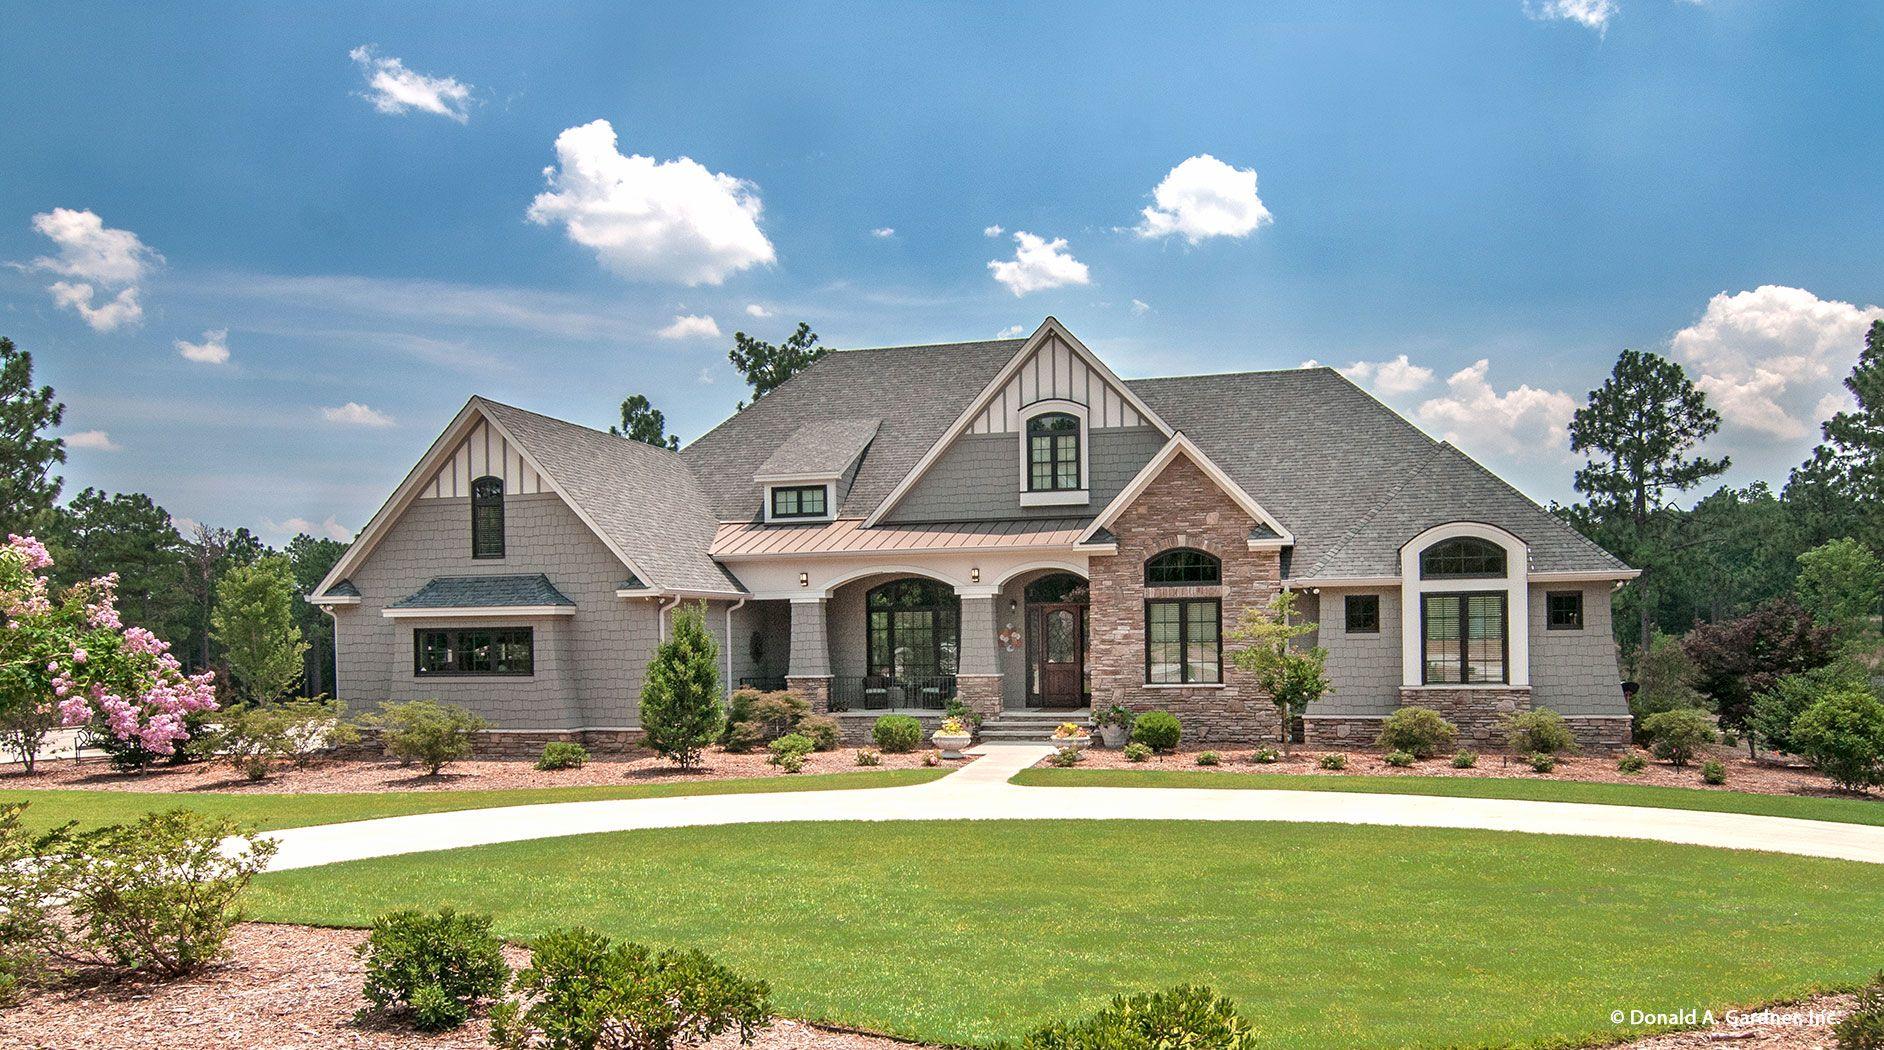 House Plans Home Plans Dream Home Designs & Floor Plans